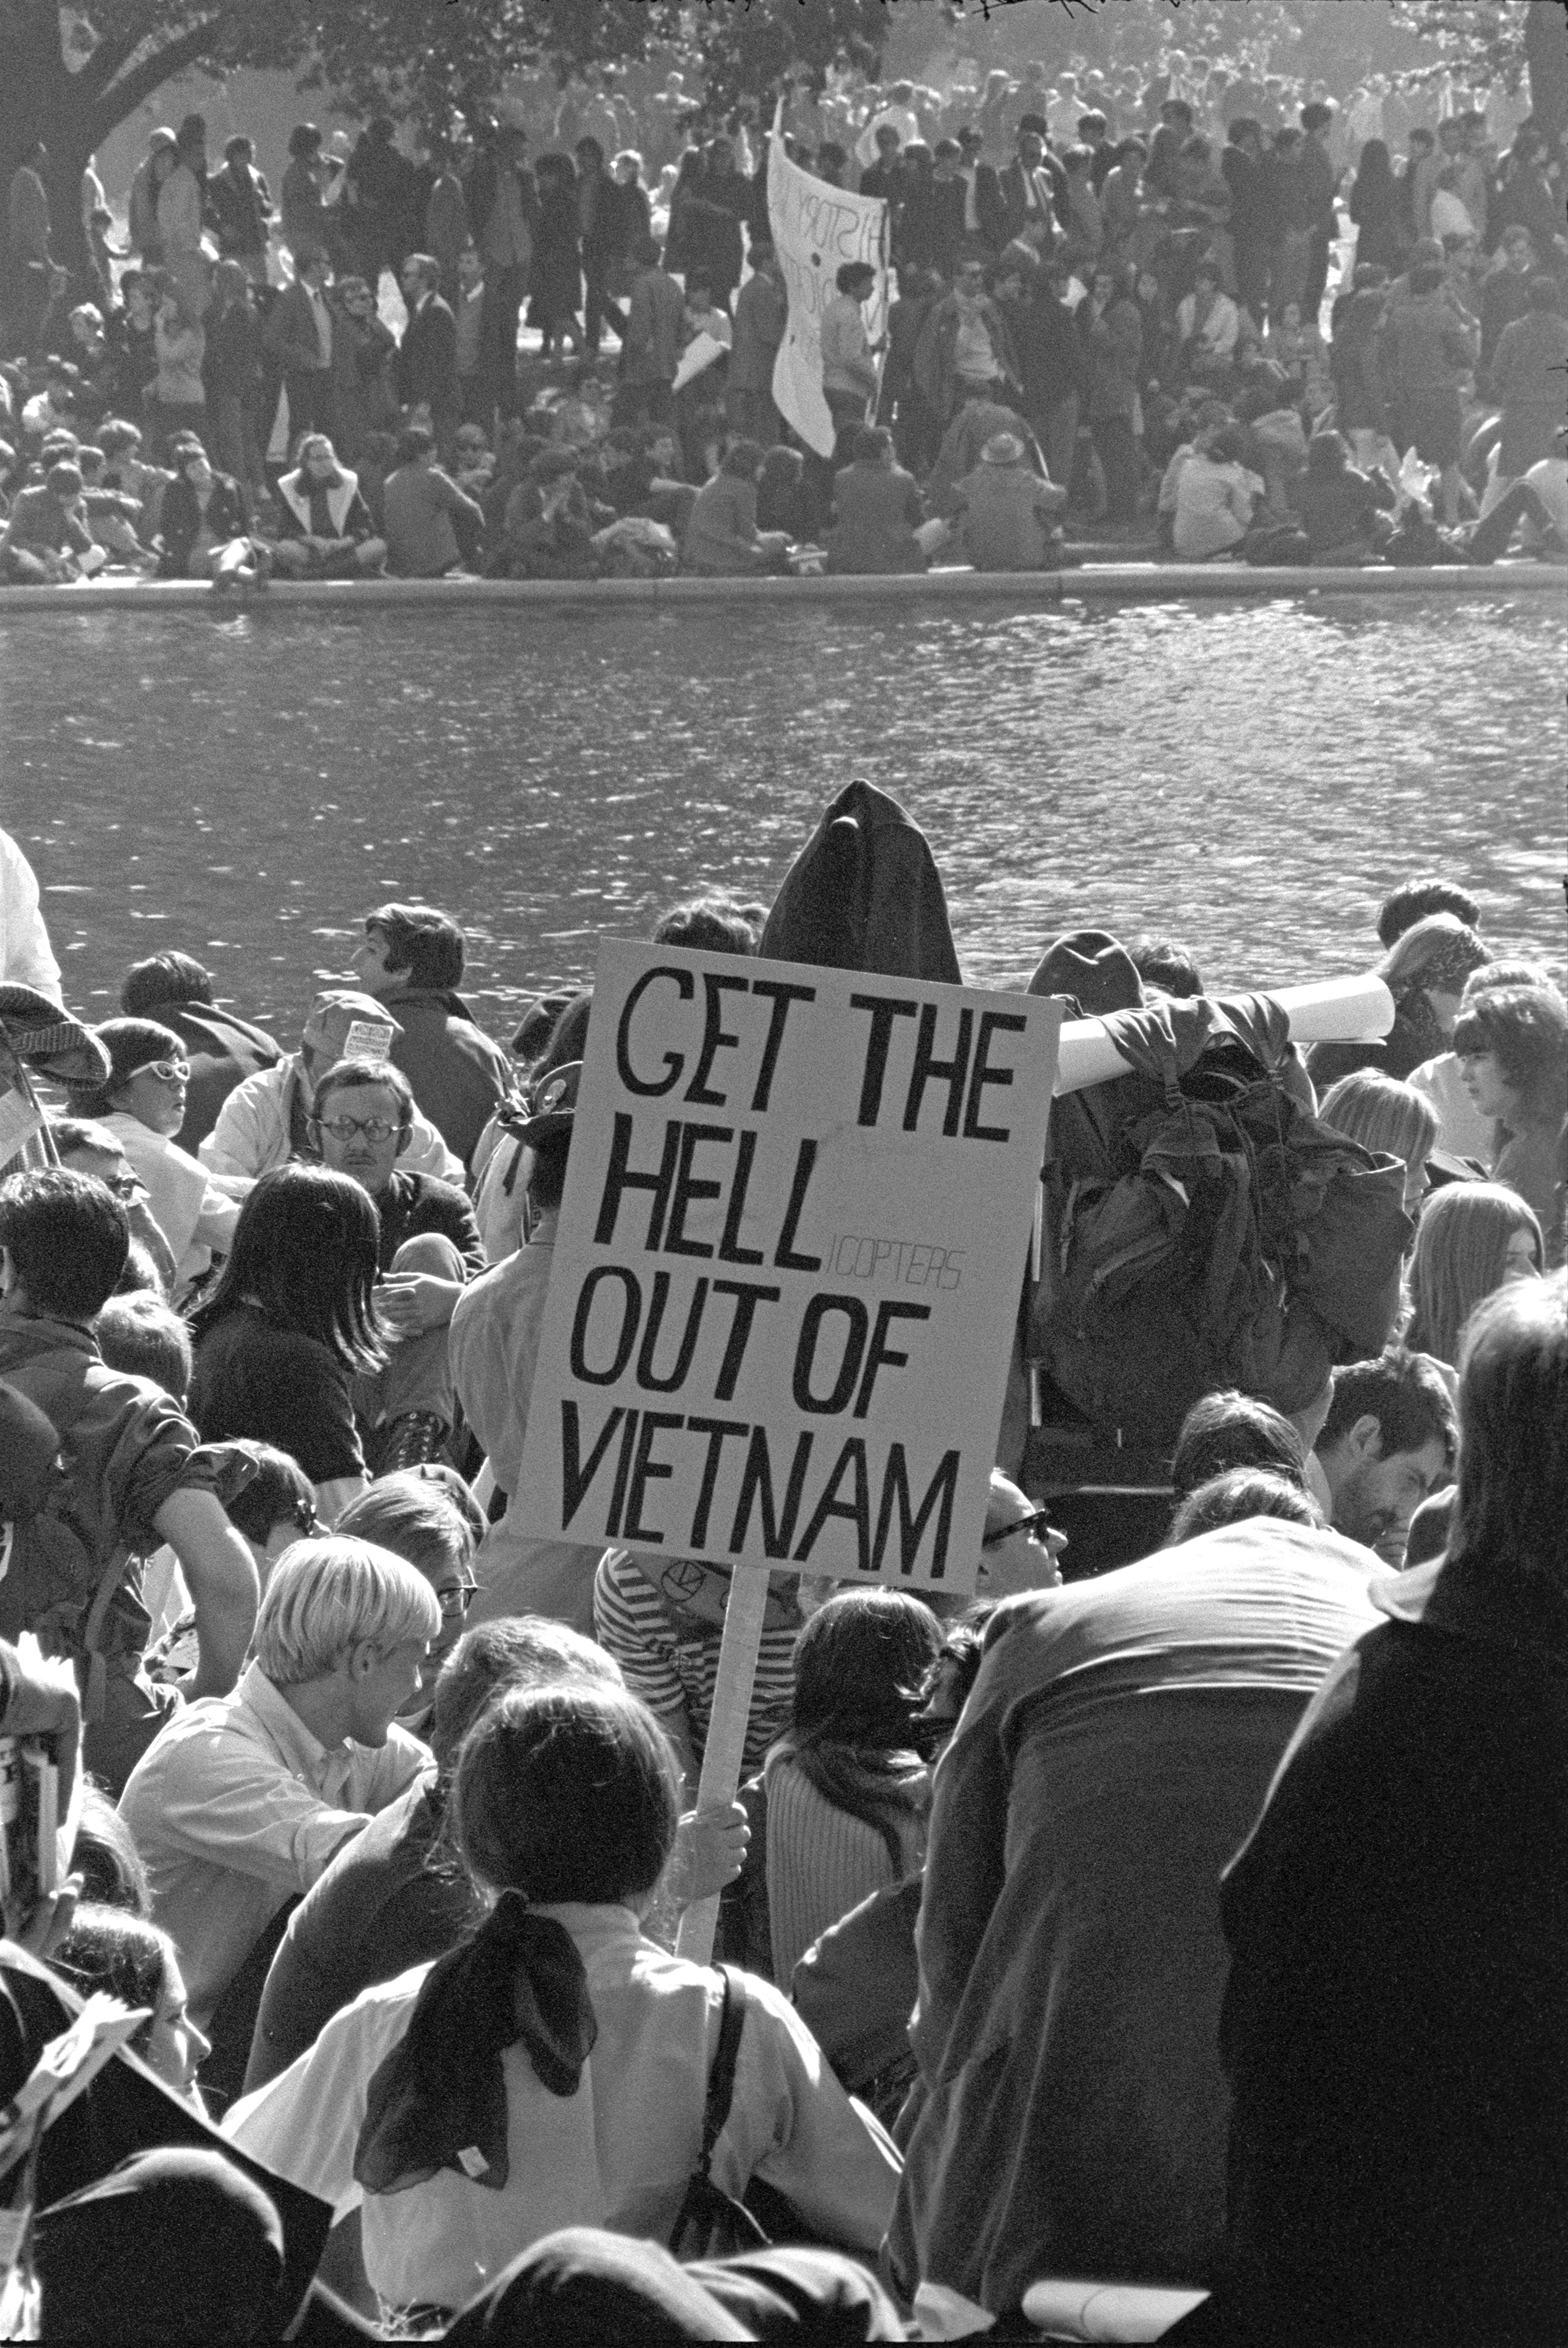 Popfeminist Body Politics in Lady Bitch Ray, Charlotte Roche, and